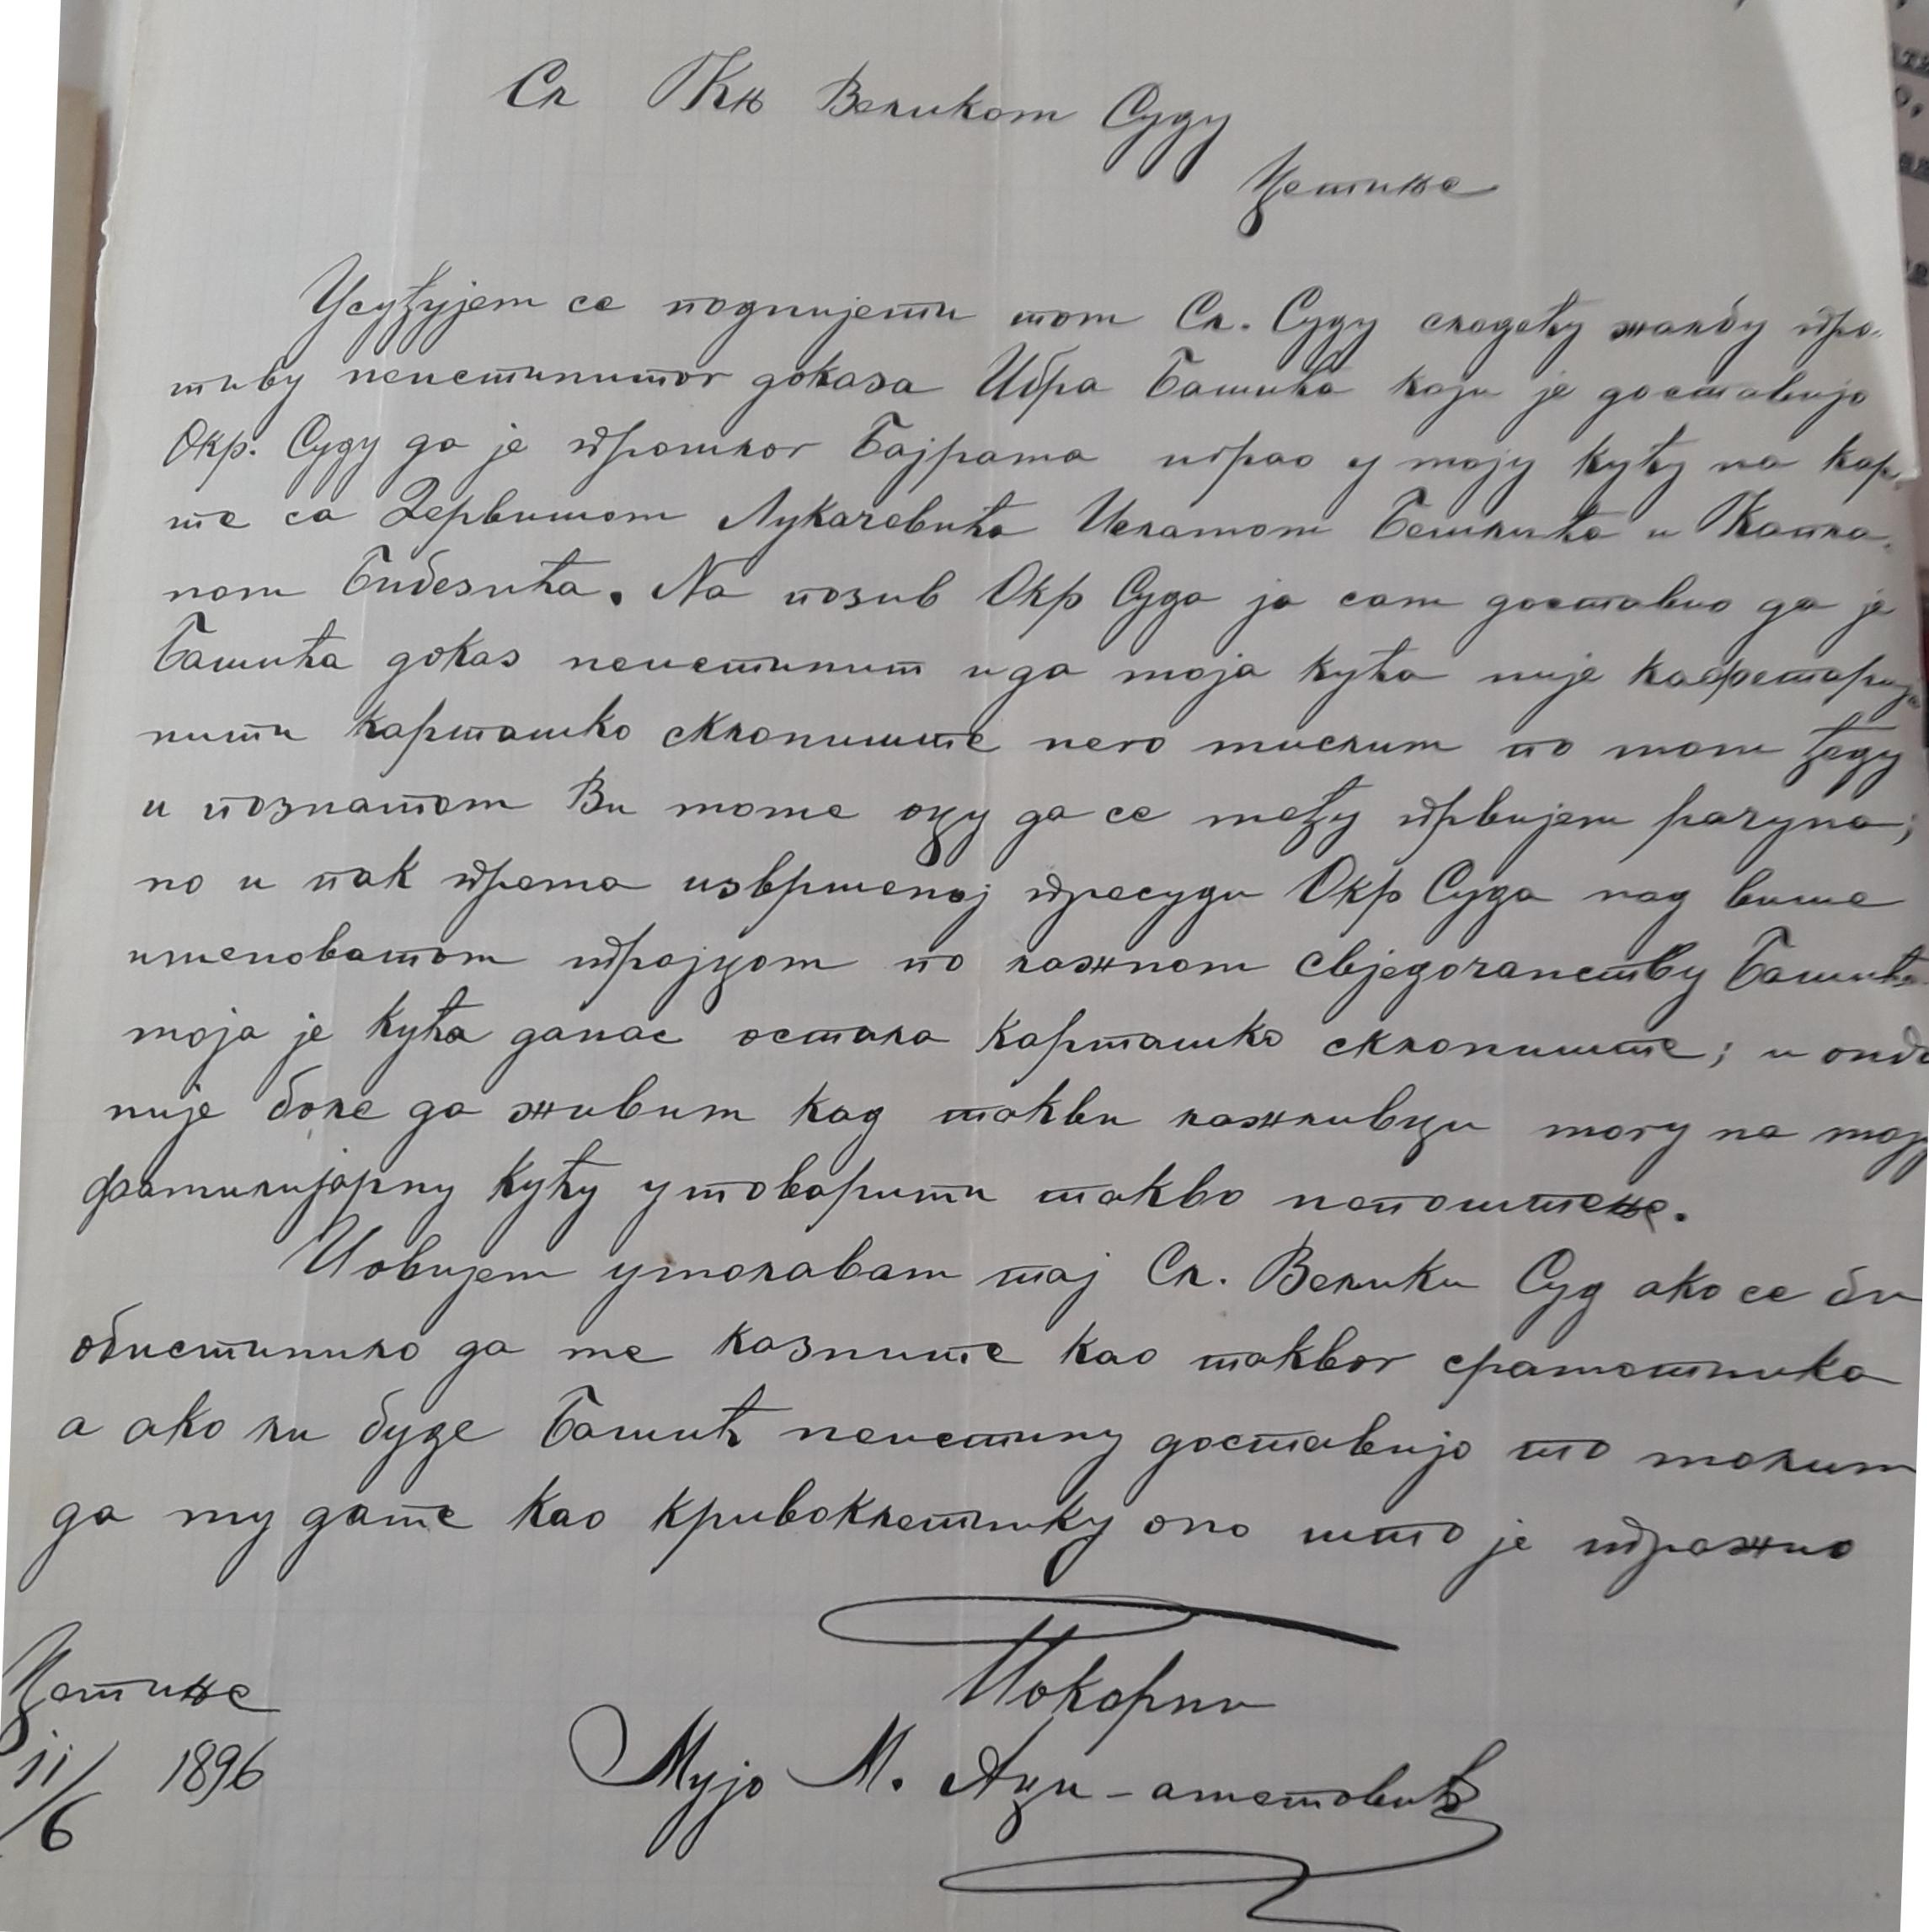 7.1. Žalba sudu od strane Muja Adži-ametovića na Ibra Bašića i klevetu oko kartanja, jun 1896. godine